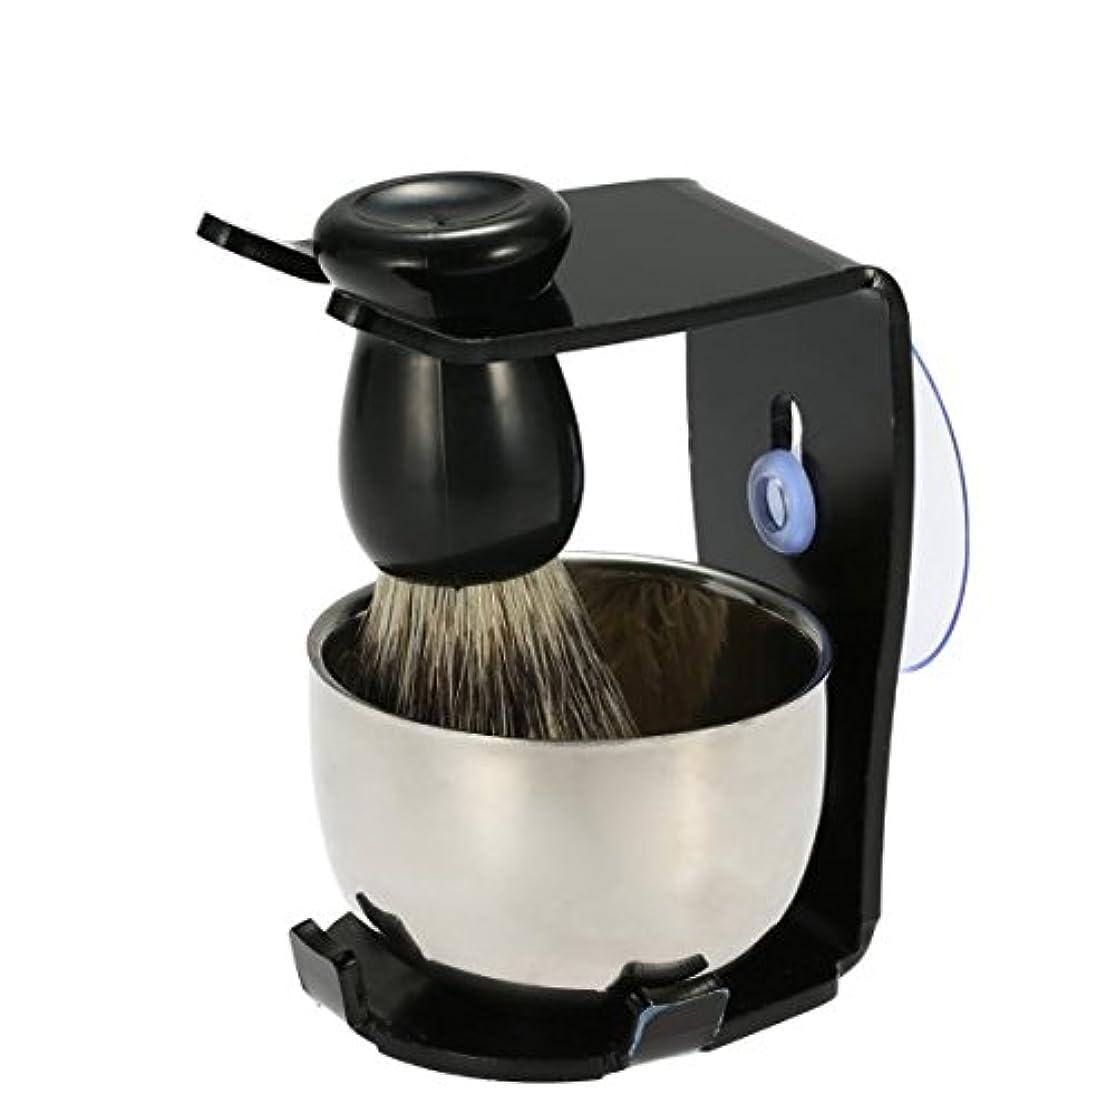 アシュリータファーマン不正確辛い3 In 1 Men's Shaving Razor Set Badger Hair Shaving Brush Stand Razor Holder